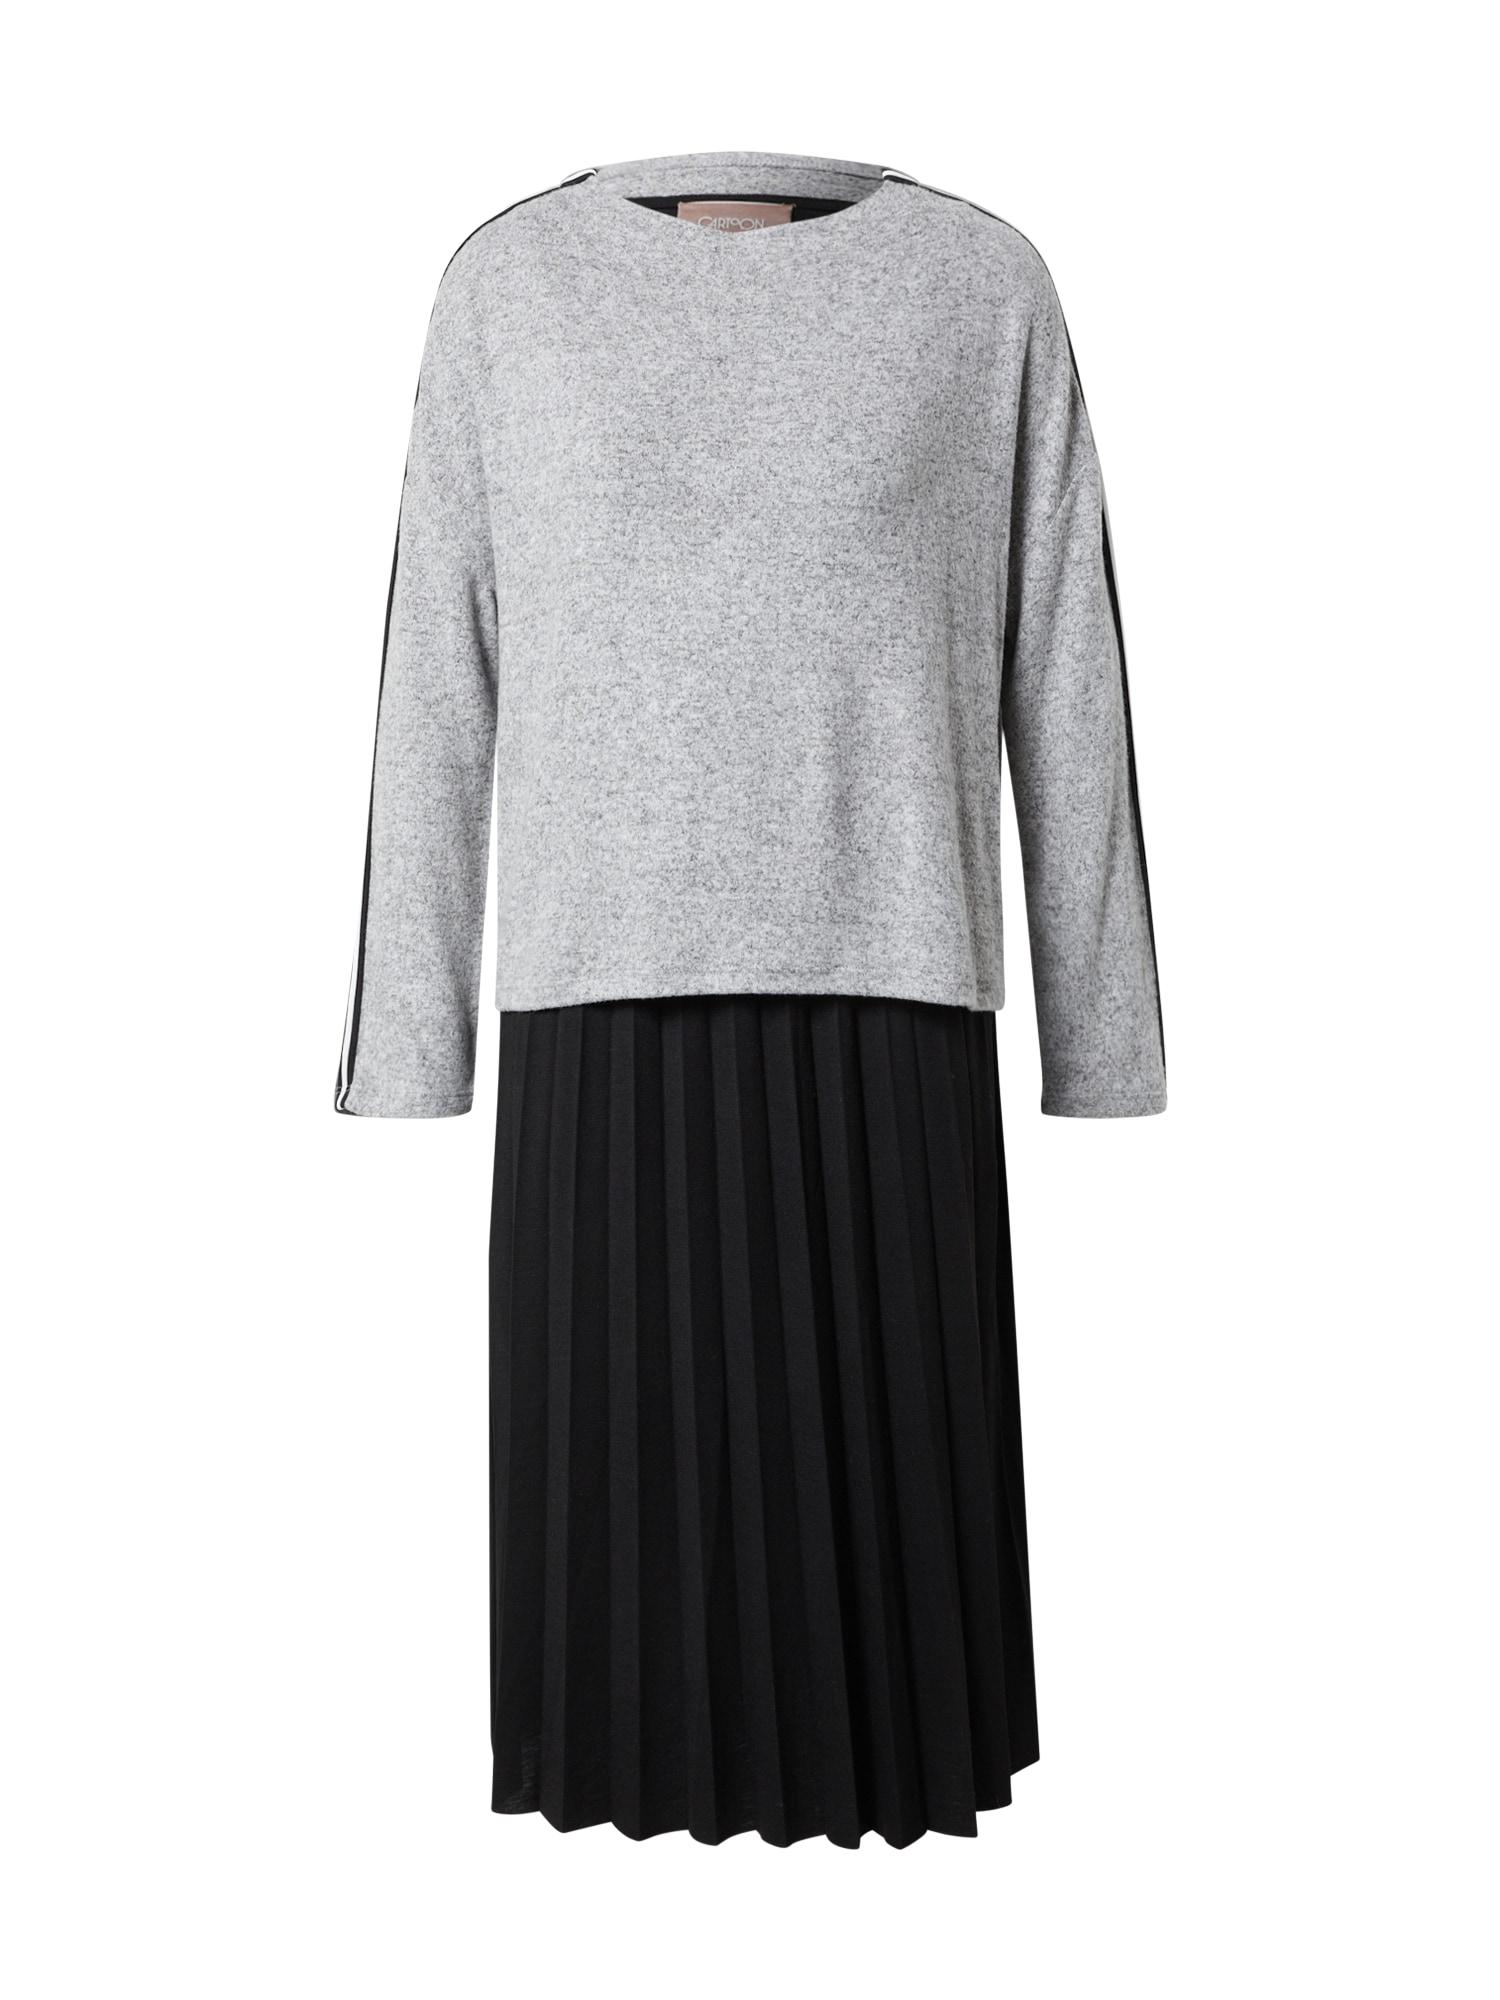 Cartoon Suknelė juoda / margai pilka / balta